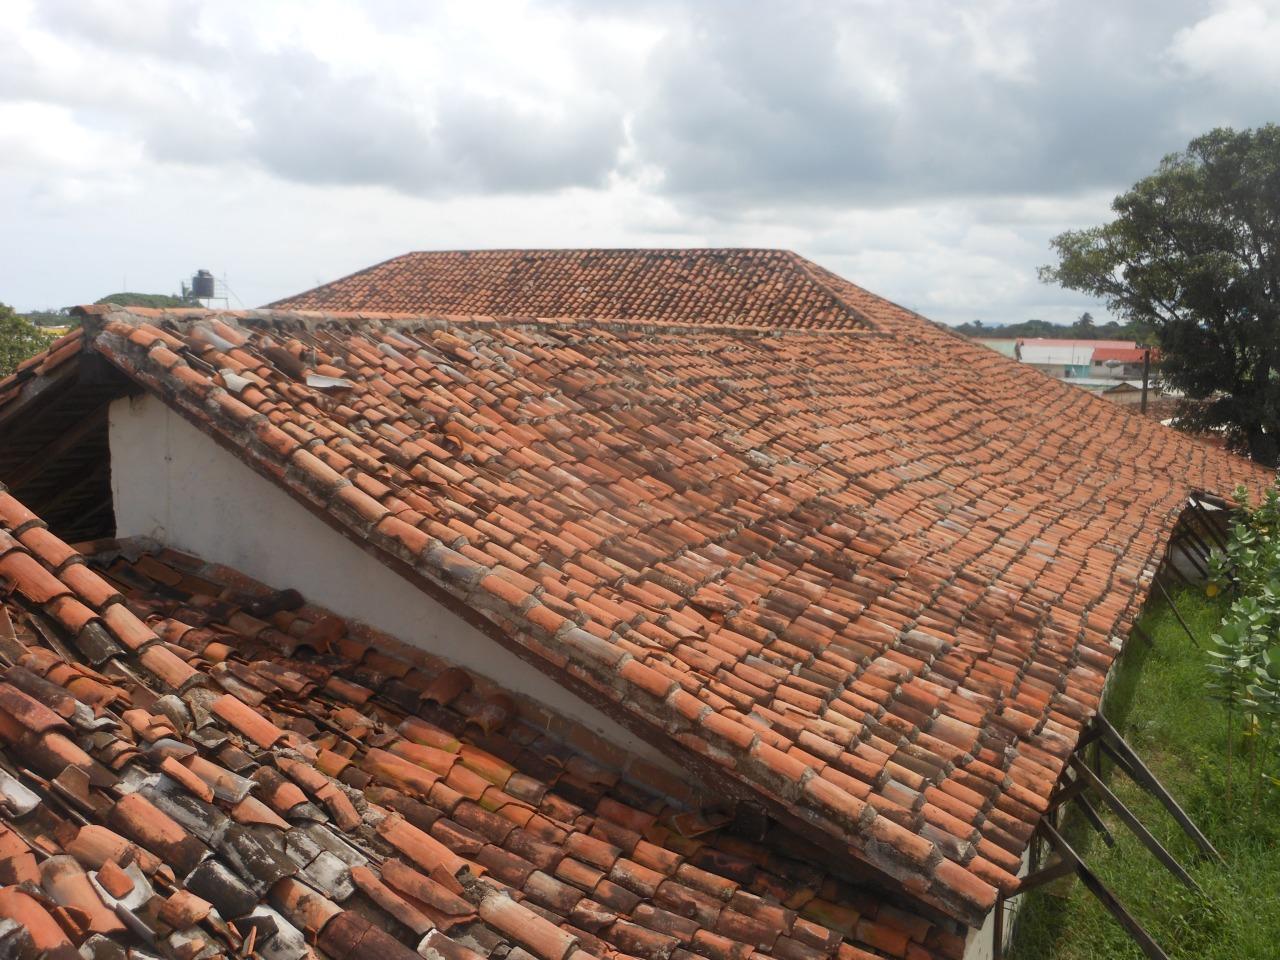 Nuevos da os en el tejado de la casa hacienda santa rsula nicaraocalli - Clases de tejas para tejados ...